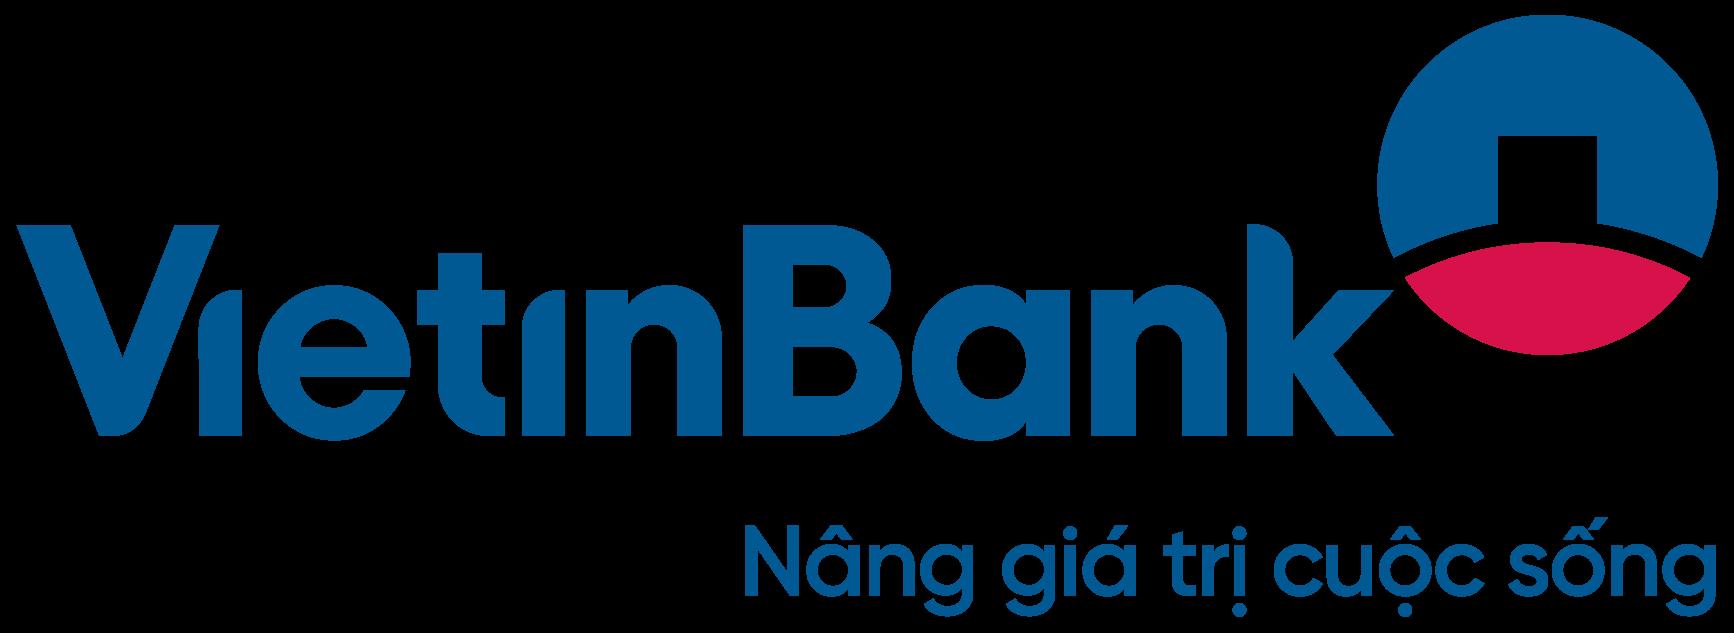 Đối tác Vietinbank